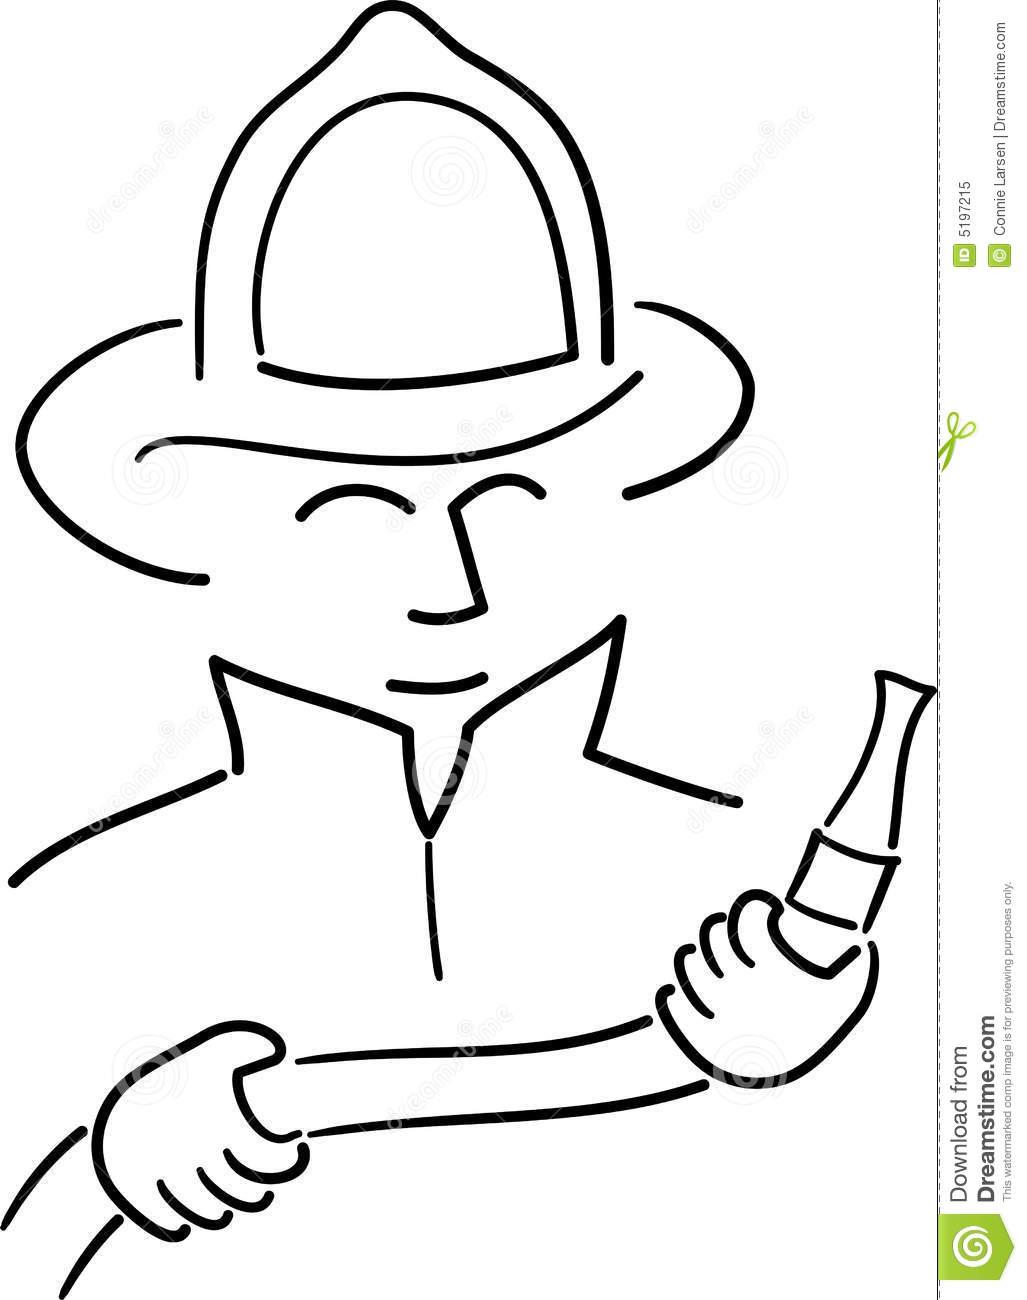 1027x1300 Drawn Hat Fireman